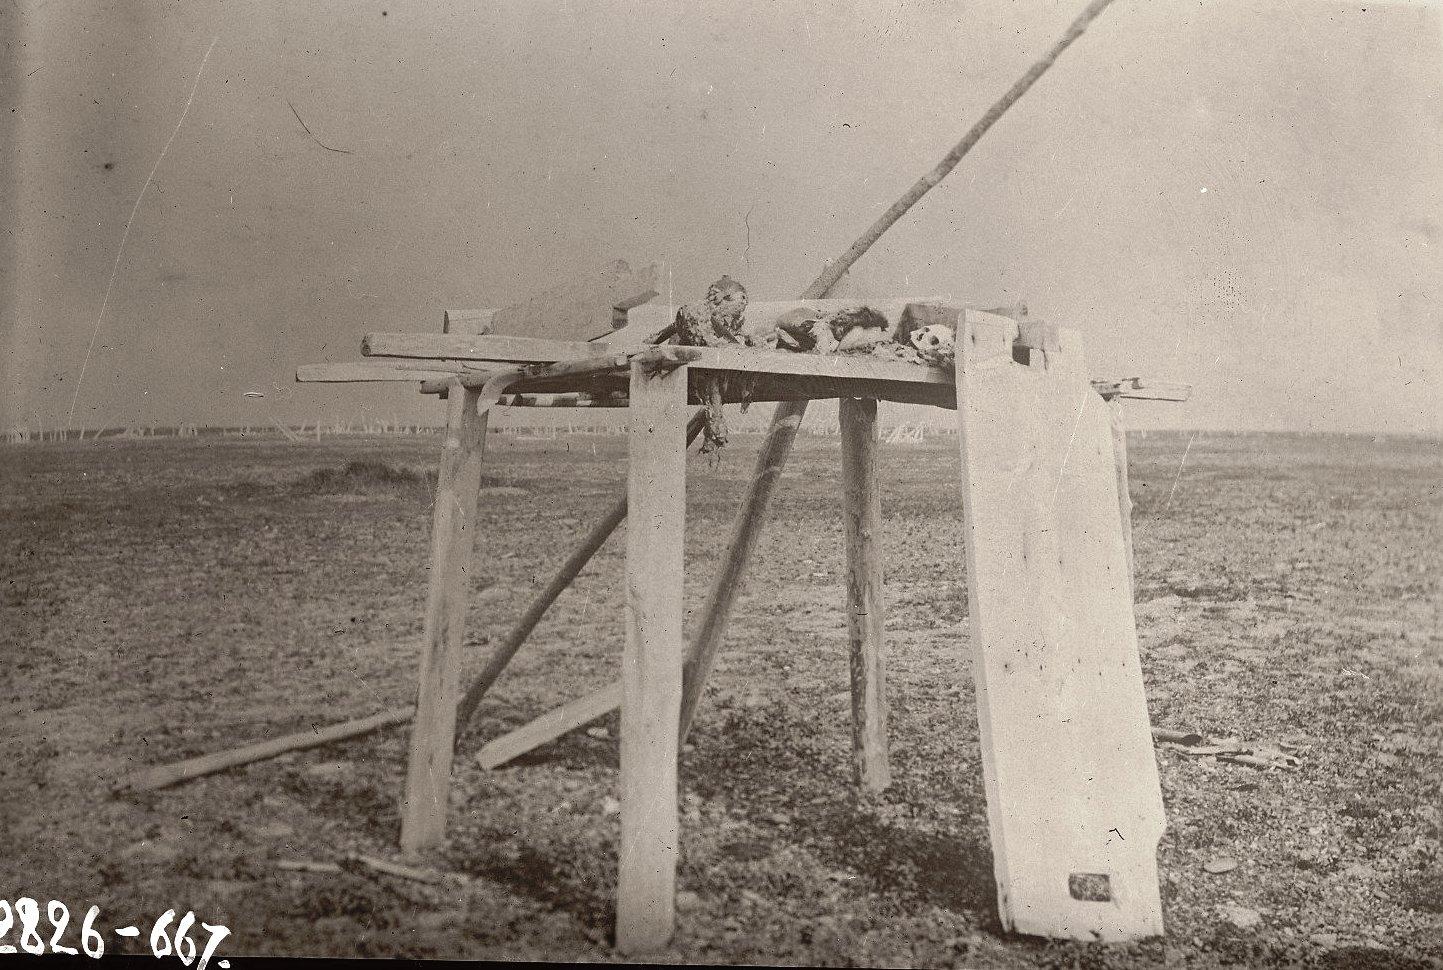 1909. Висячая могила на Пойнт-Хоуп.  Уналашка остров, селение Уналашка. 1 июня